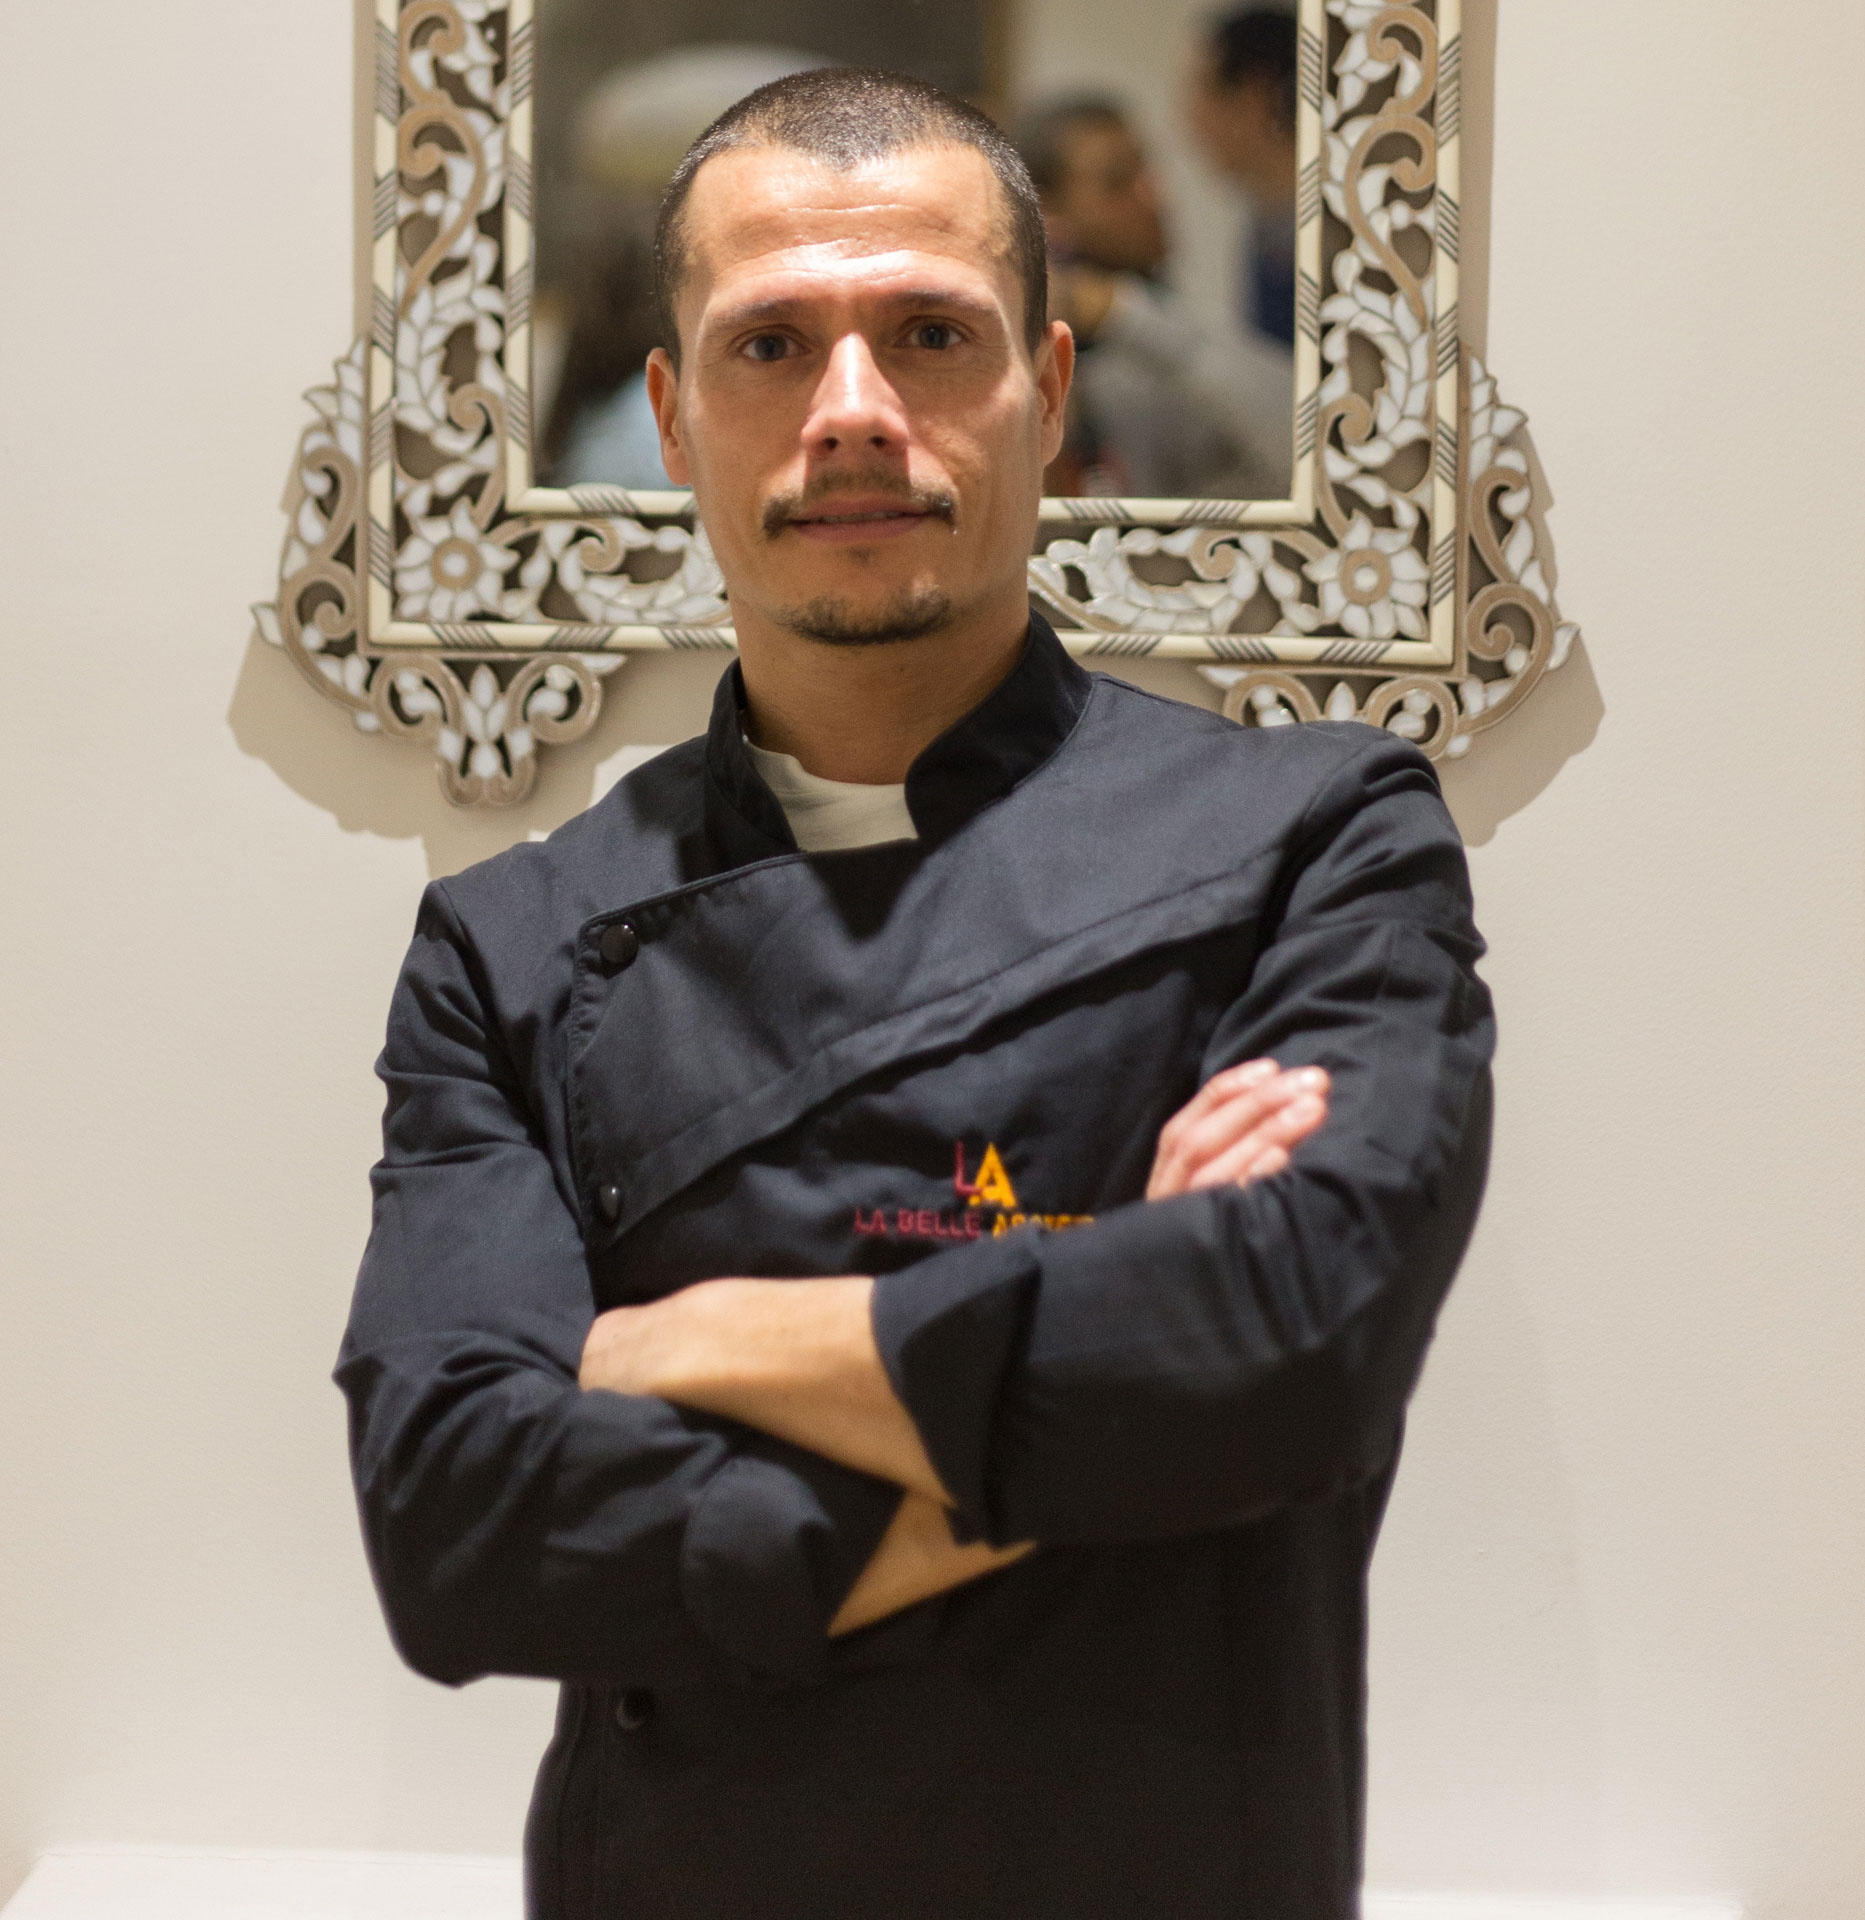 Italian chef Francesco Pais